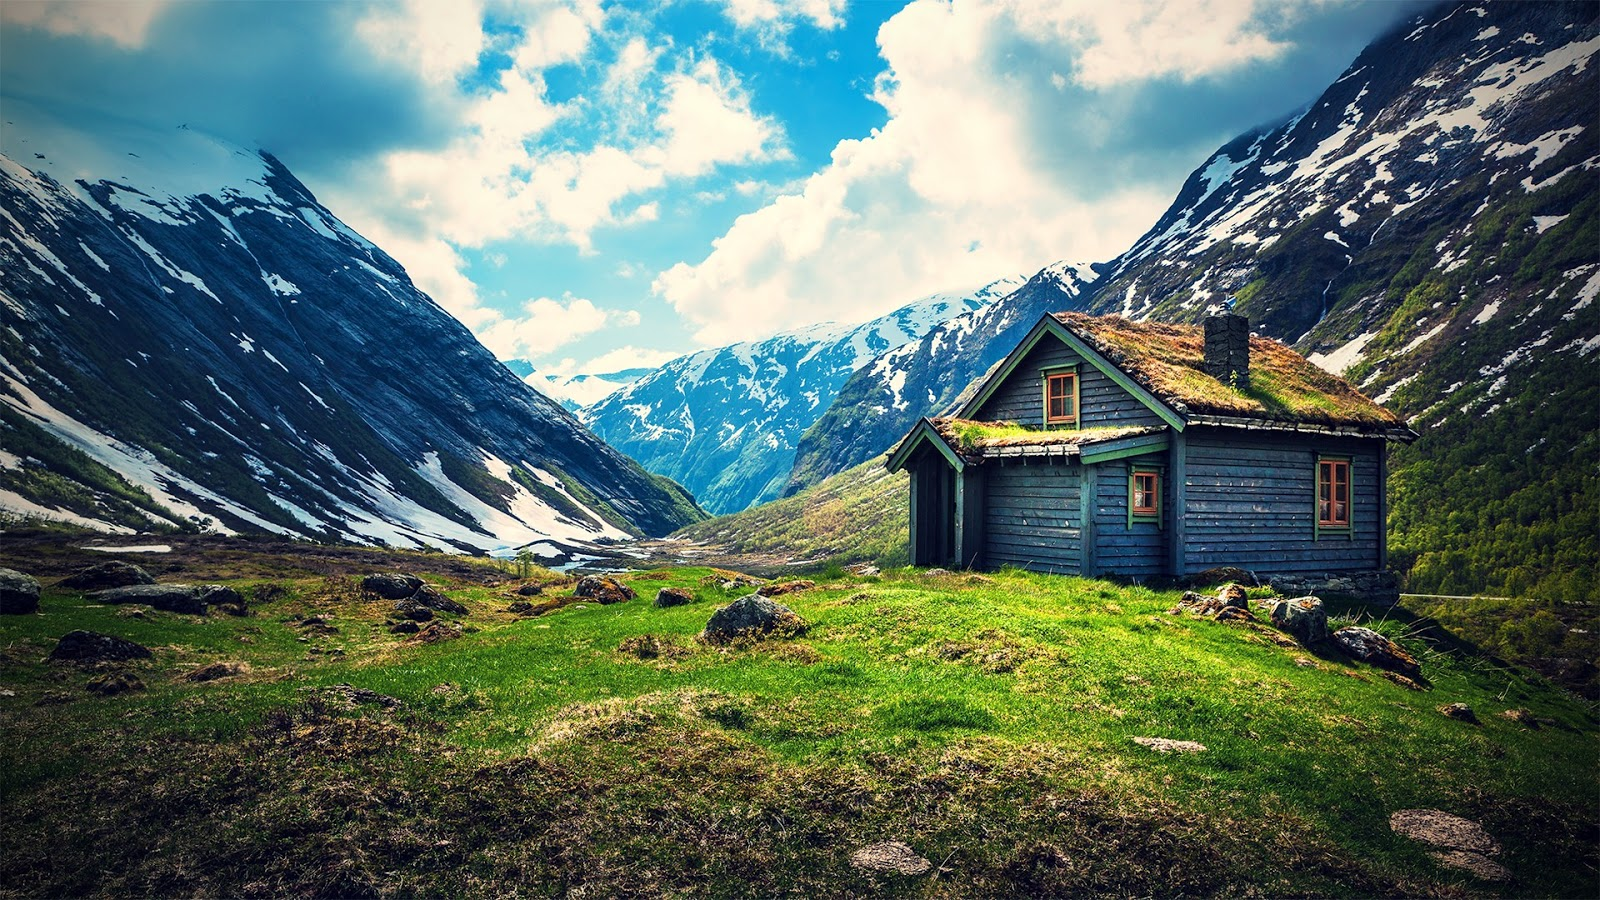 Dreamypictures una casa en la monta a - Casas en la montana ...